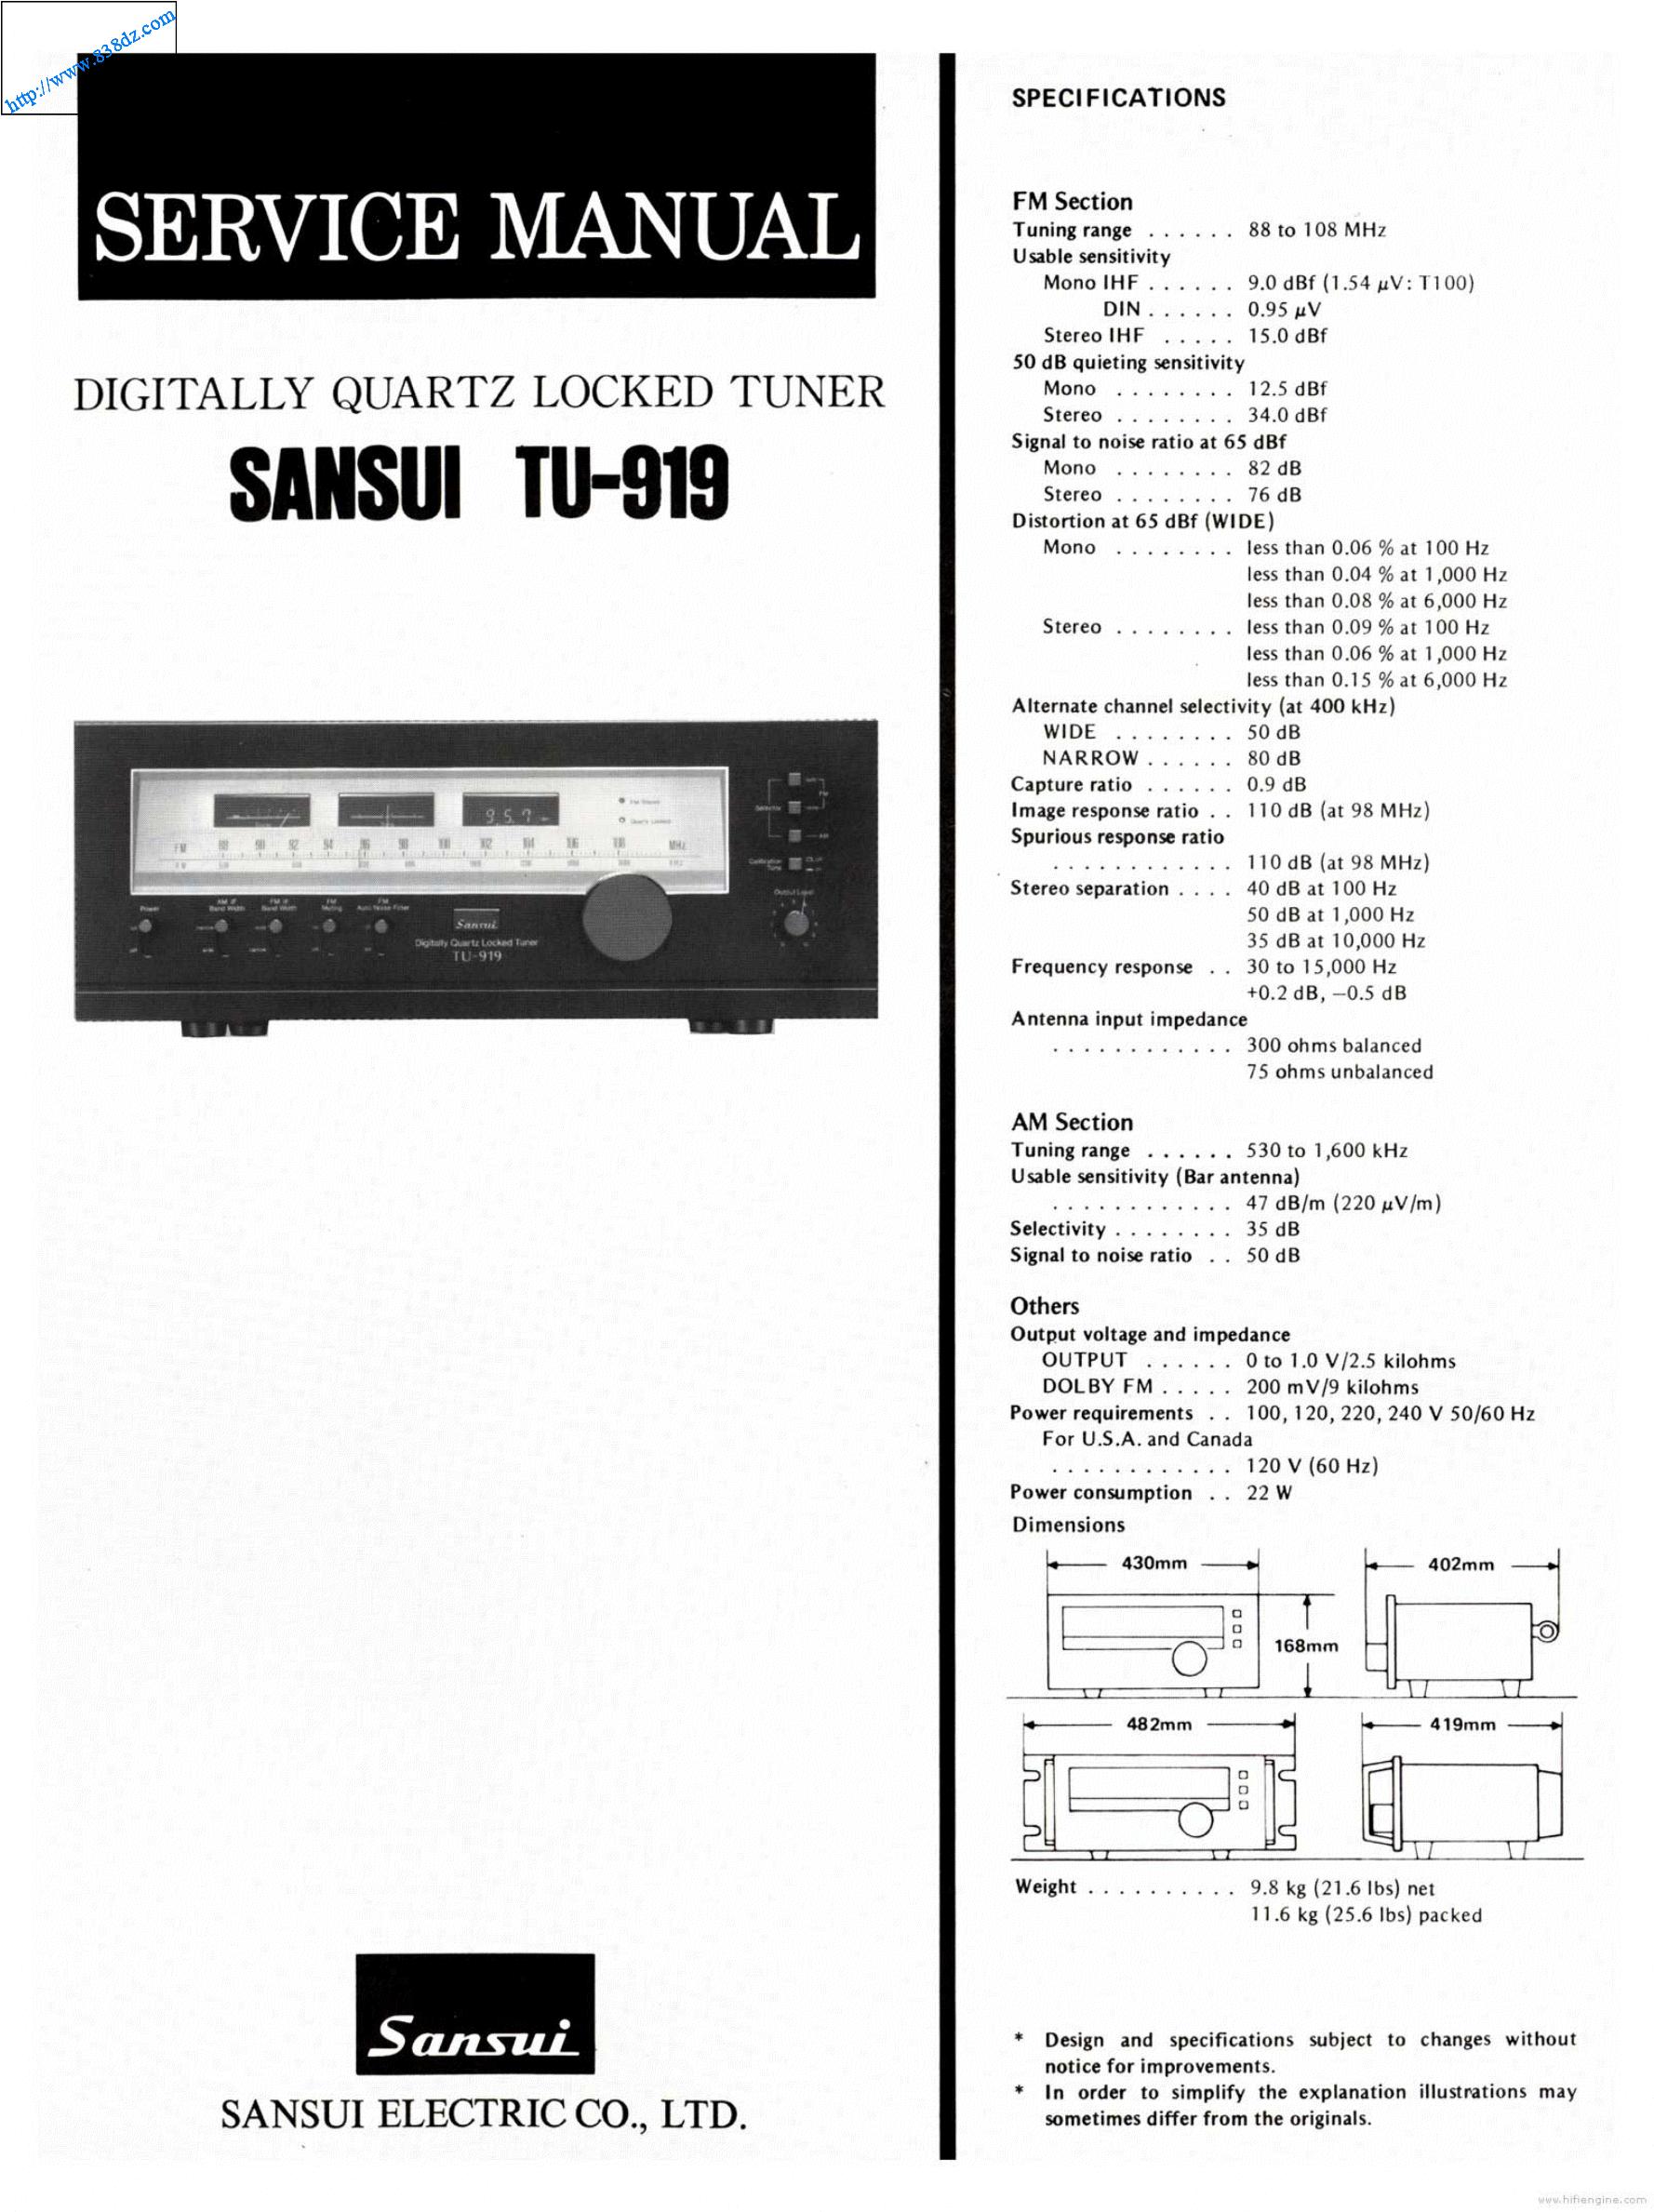 sansui山水TU-919收音头 维修手册